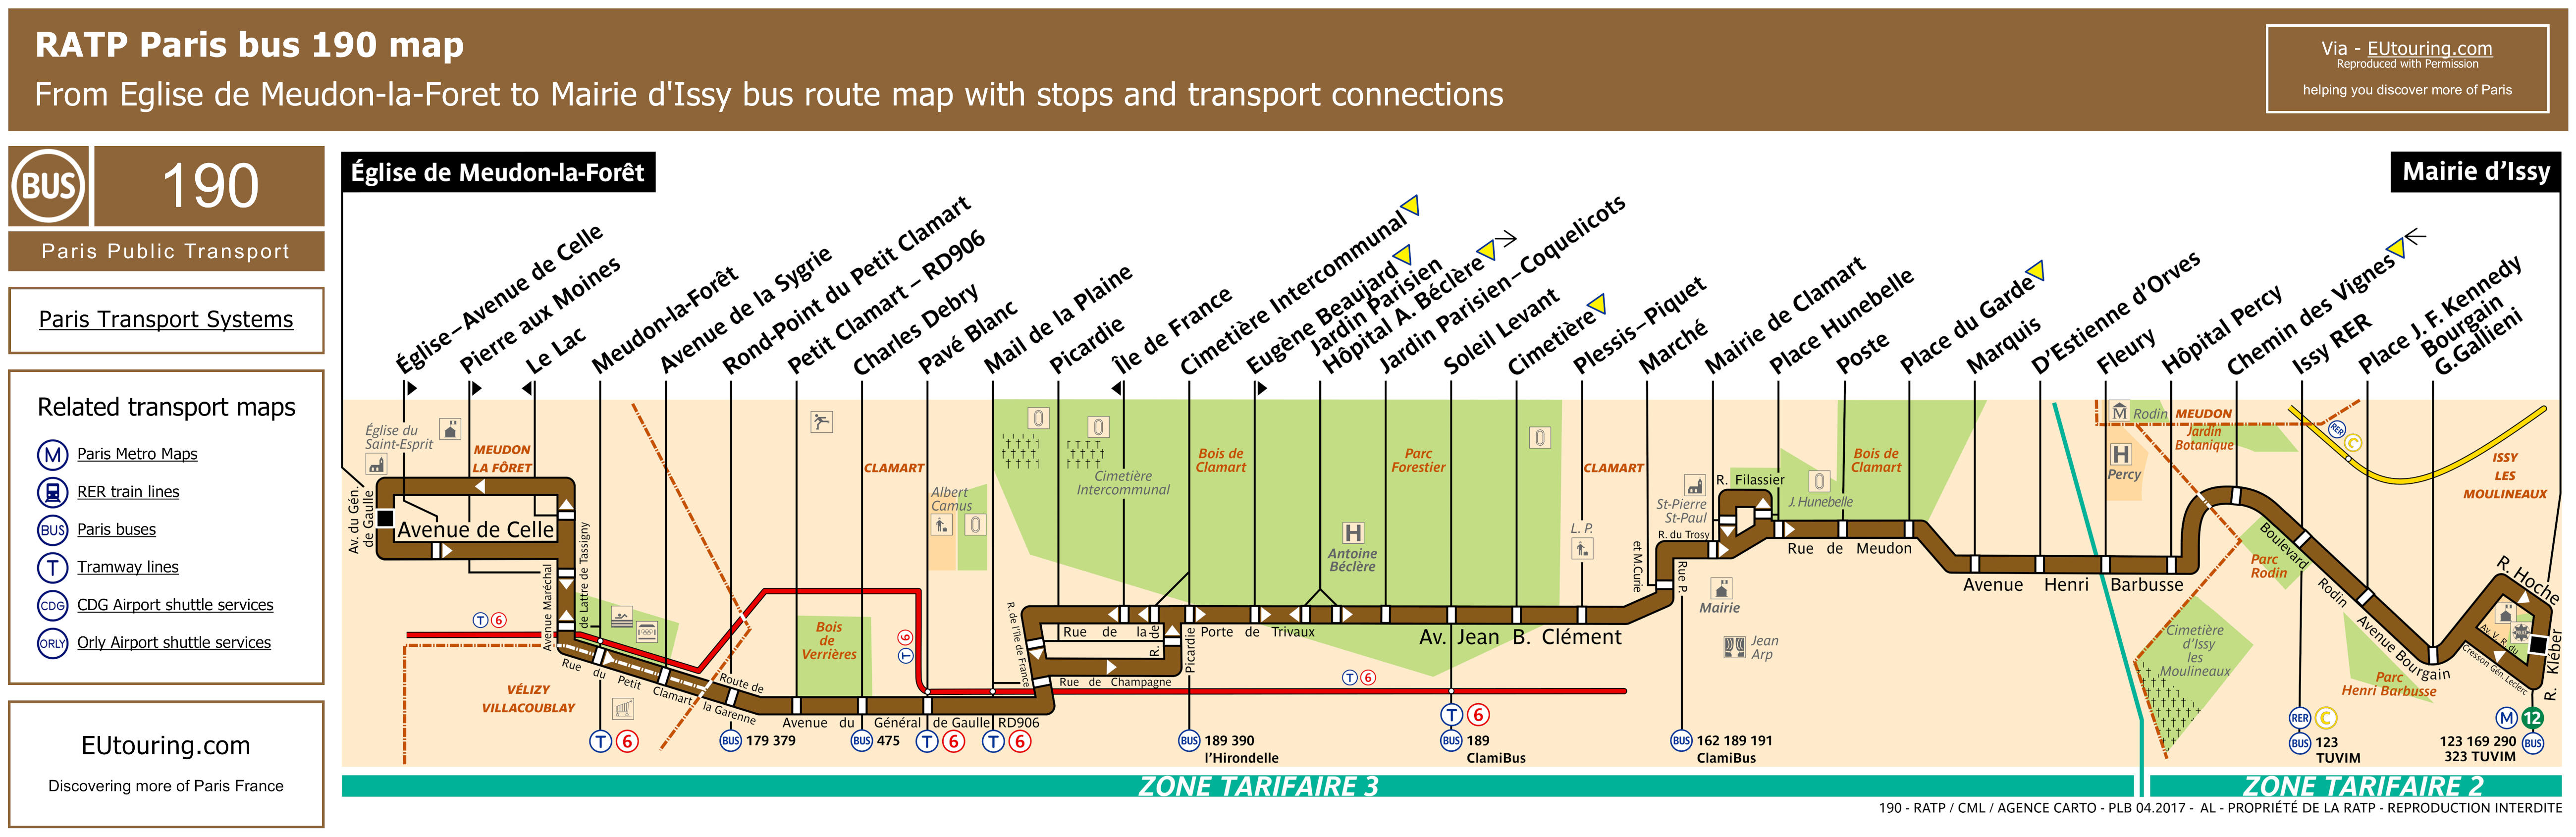 RATP bus maps, timetables for Paris bus lines 190 to 199